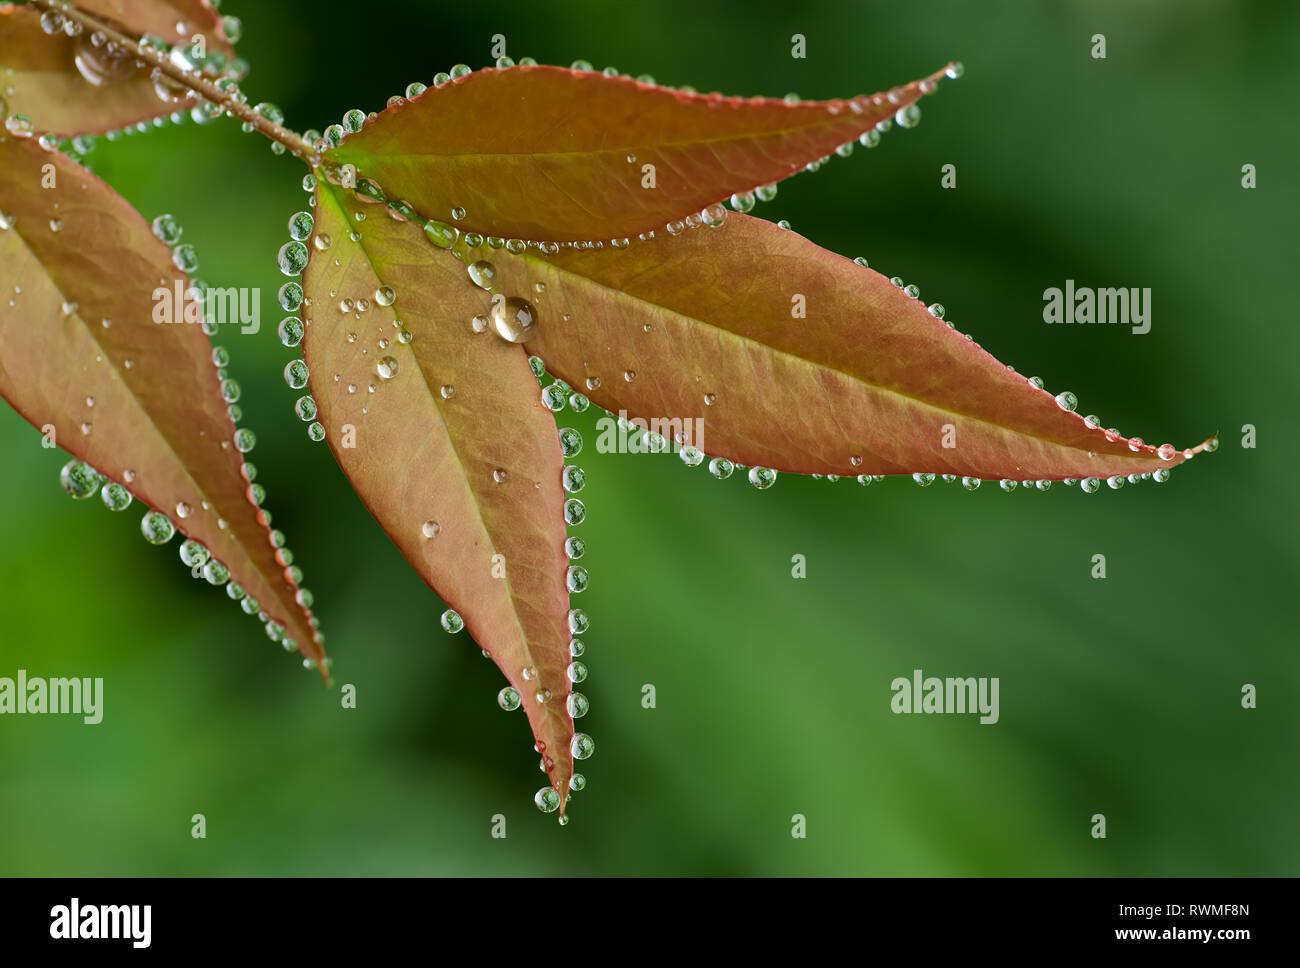 En hojas de Guttation Nandina Guttation ocurre durante condiciones climáticas frías y húmedas cuando las hojas no puede transpirar adecuadamente y la humedad se acumula dentro Imagen De Stock